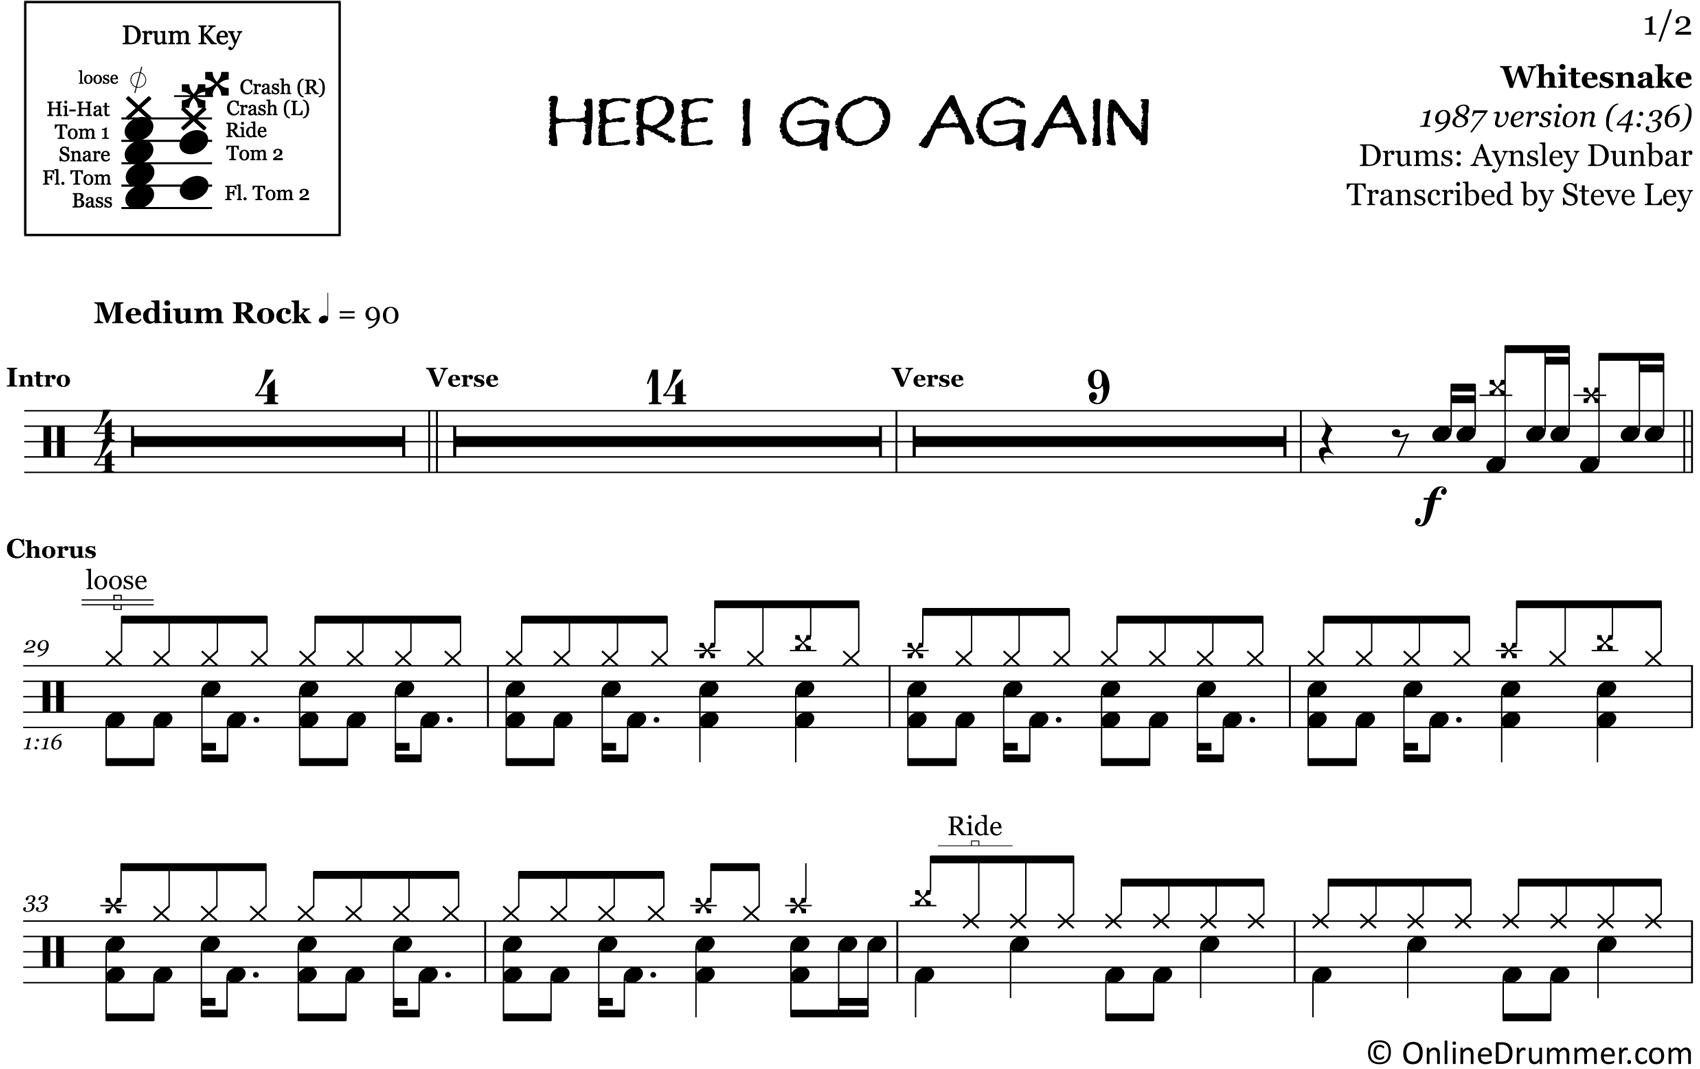 Here I Go Again - Whitesnake - Drum Sheet Music